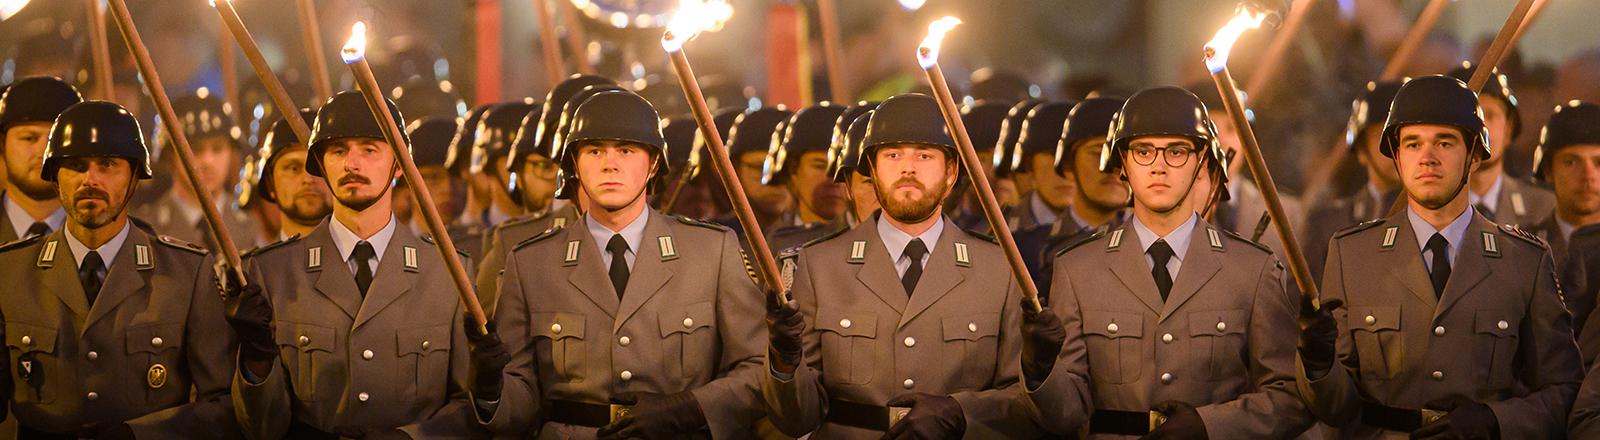 Soldaten mit Fackeln bei einem Großen Zapfenstreich am 6. Oktober 2021